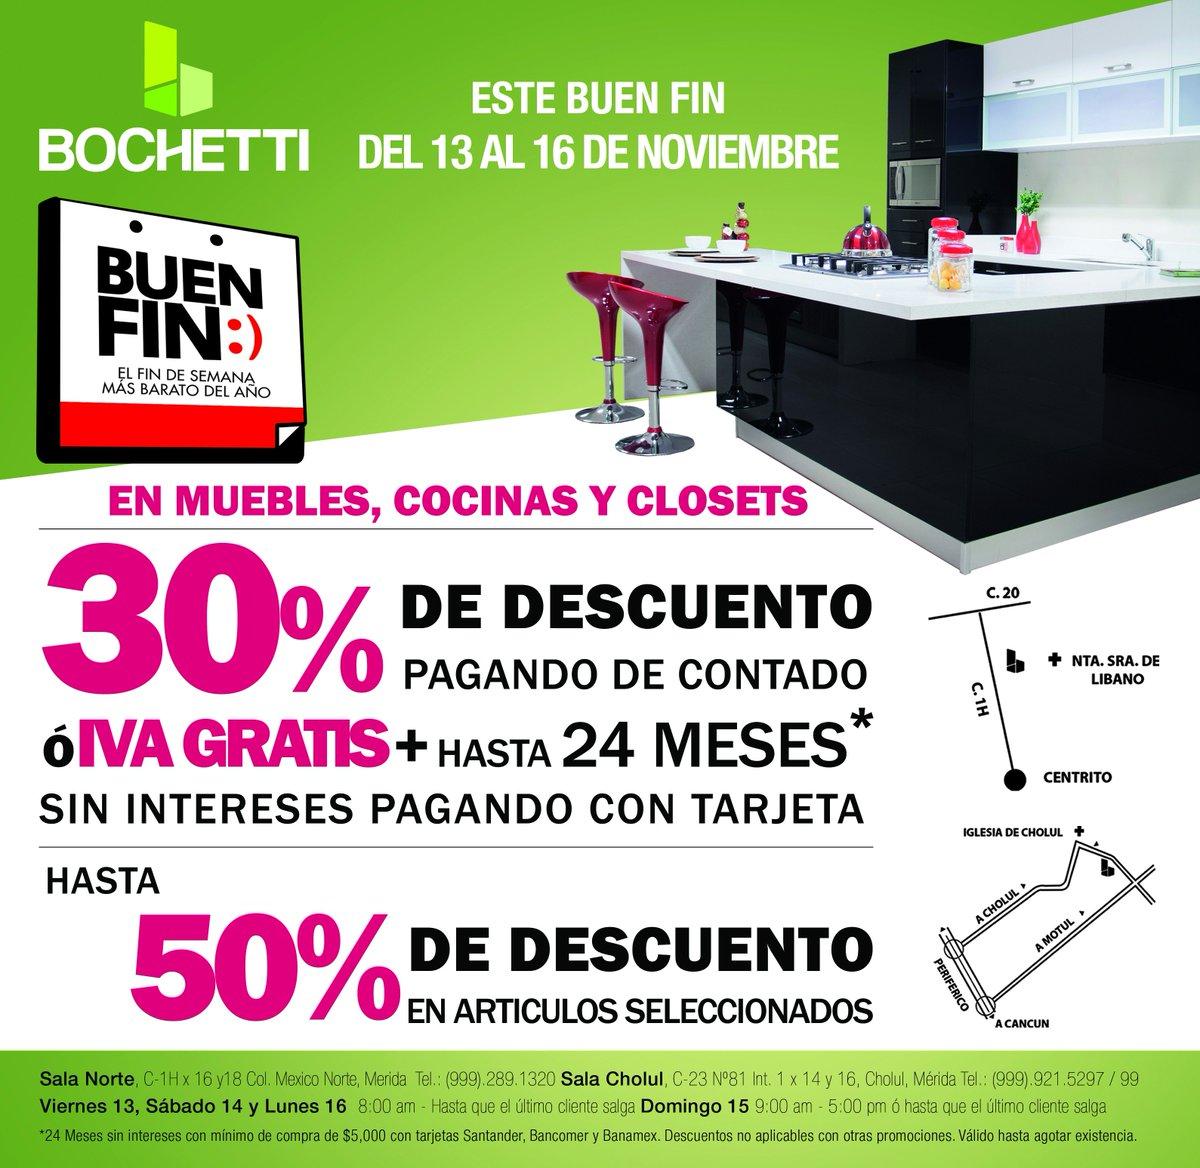 Bochetti Cocinas Bochetticocinas Twitter # Muebles Buen Fin